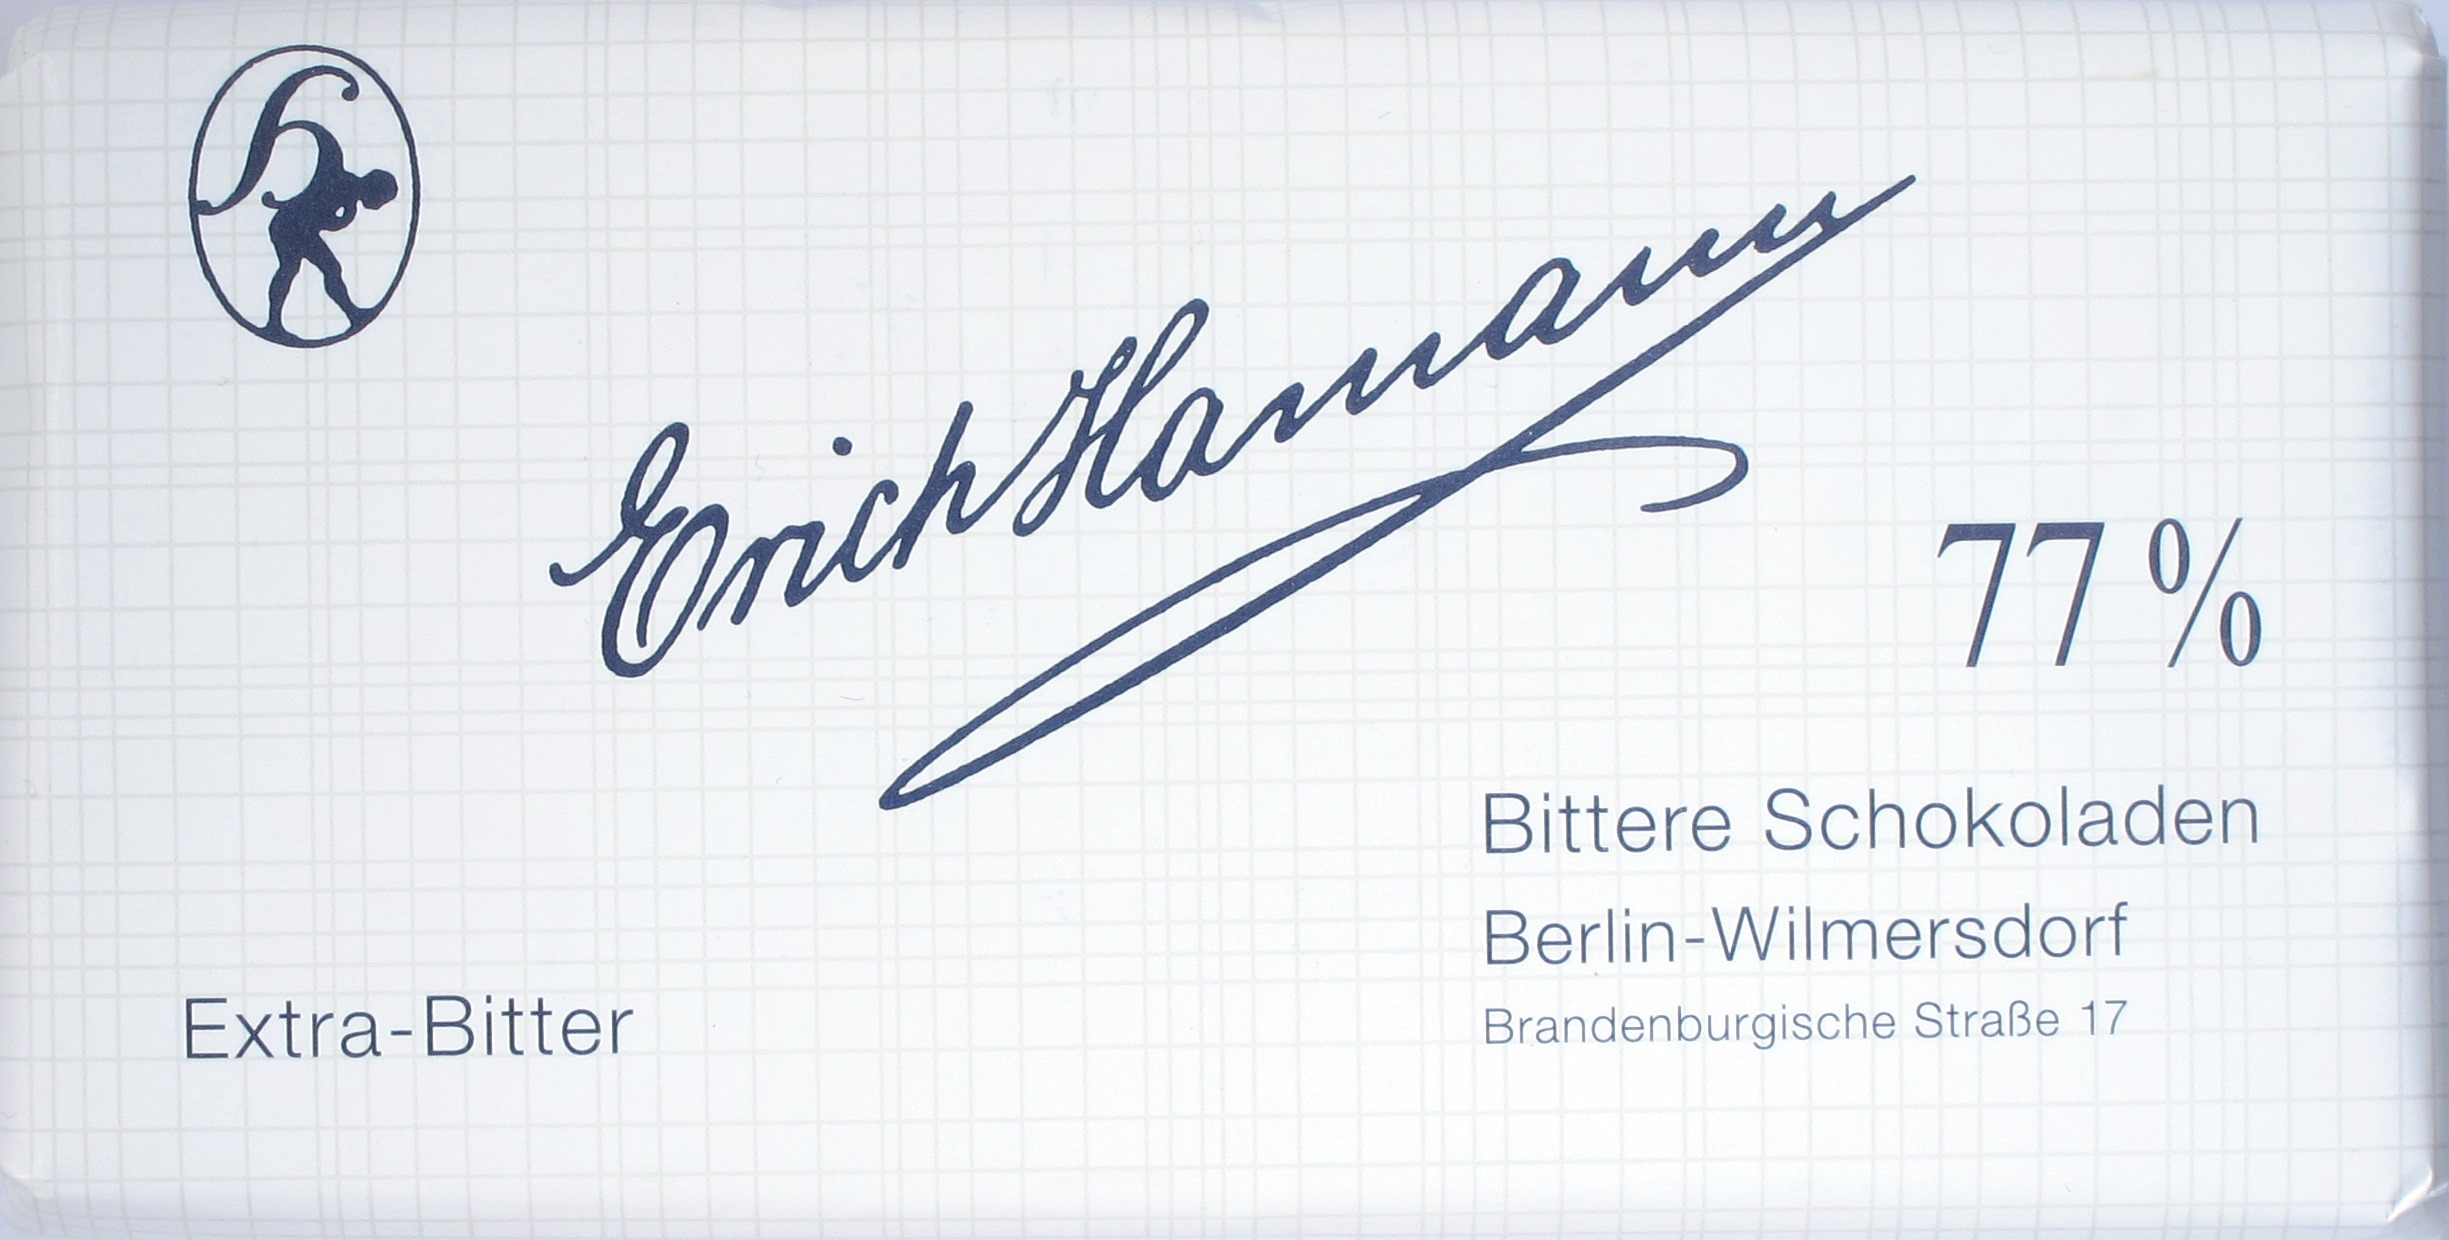 Erich Hamann Schokolade 77%